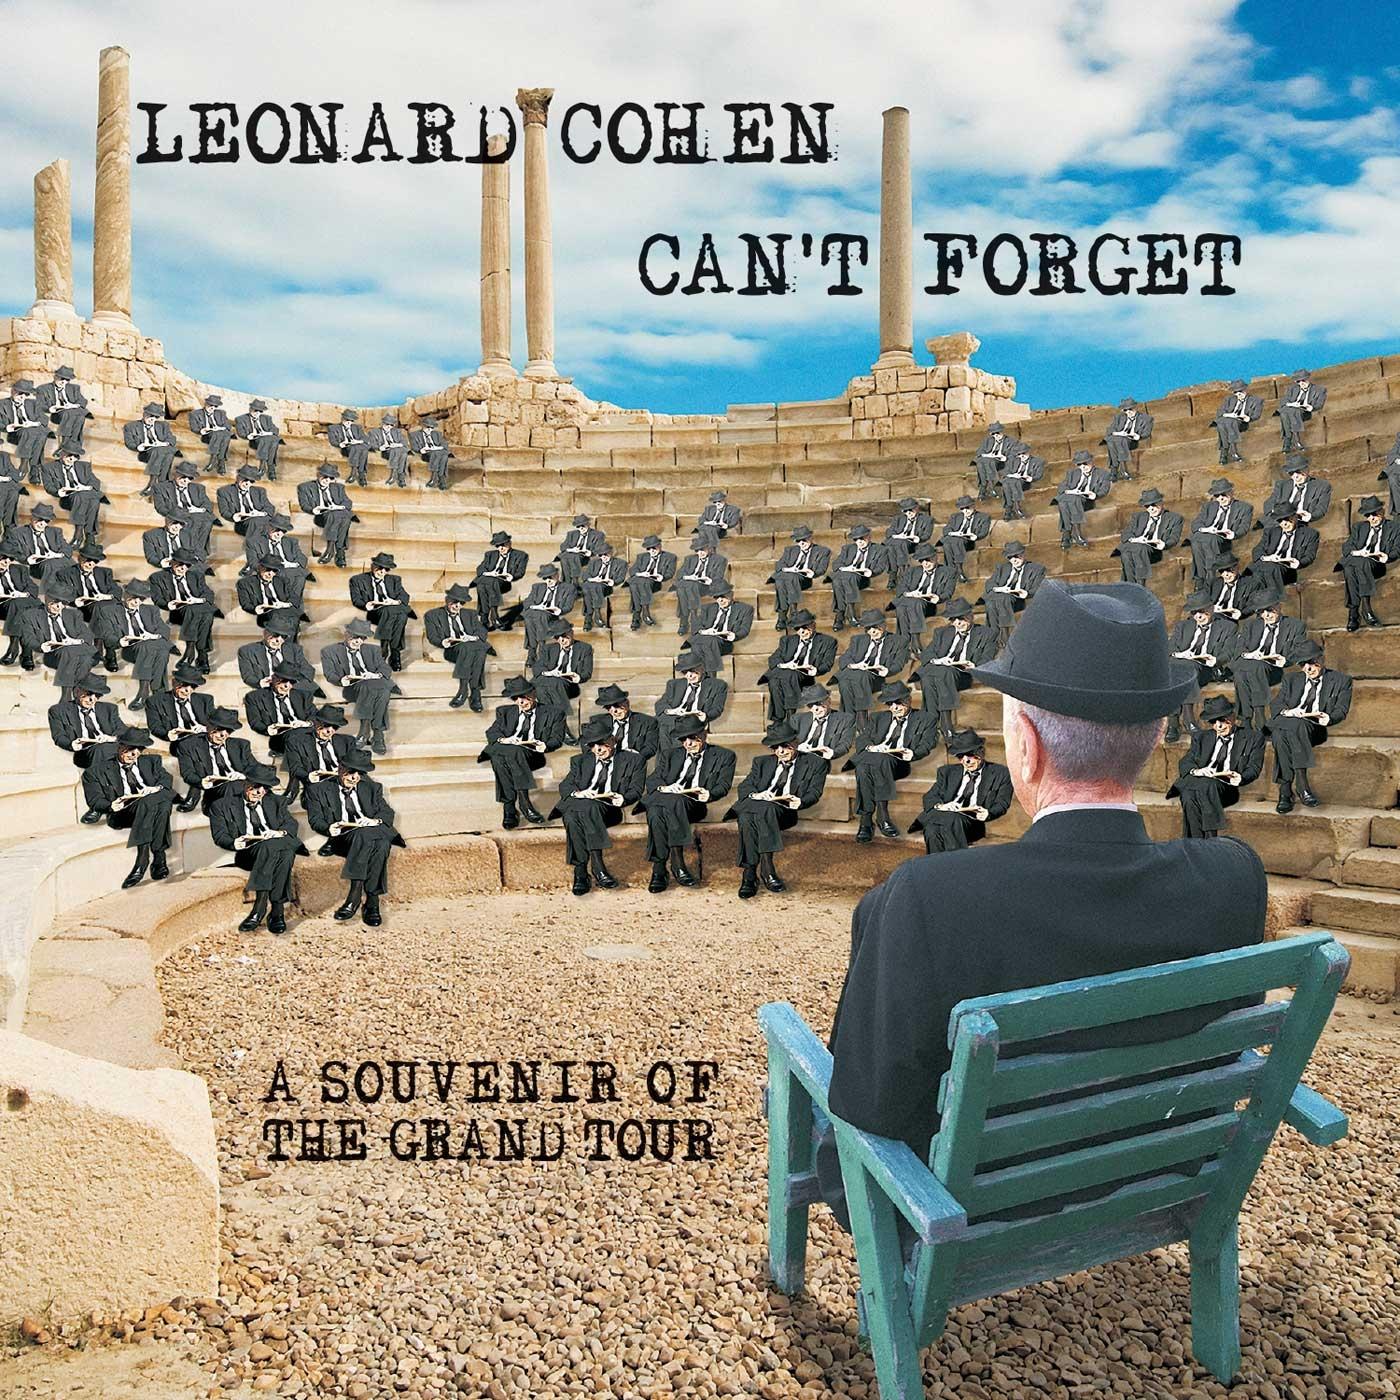 Leonard Cohen publicará disco en directo en mayo